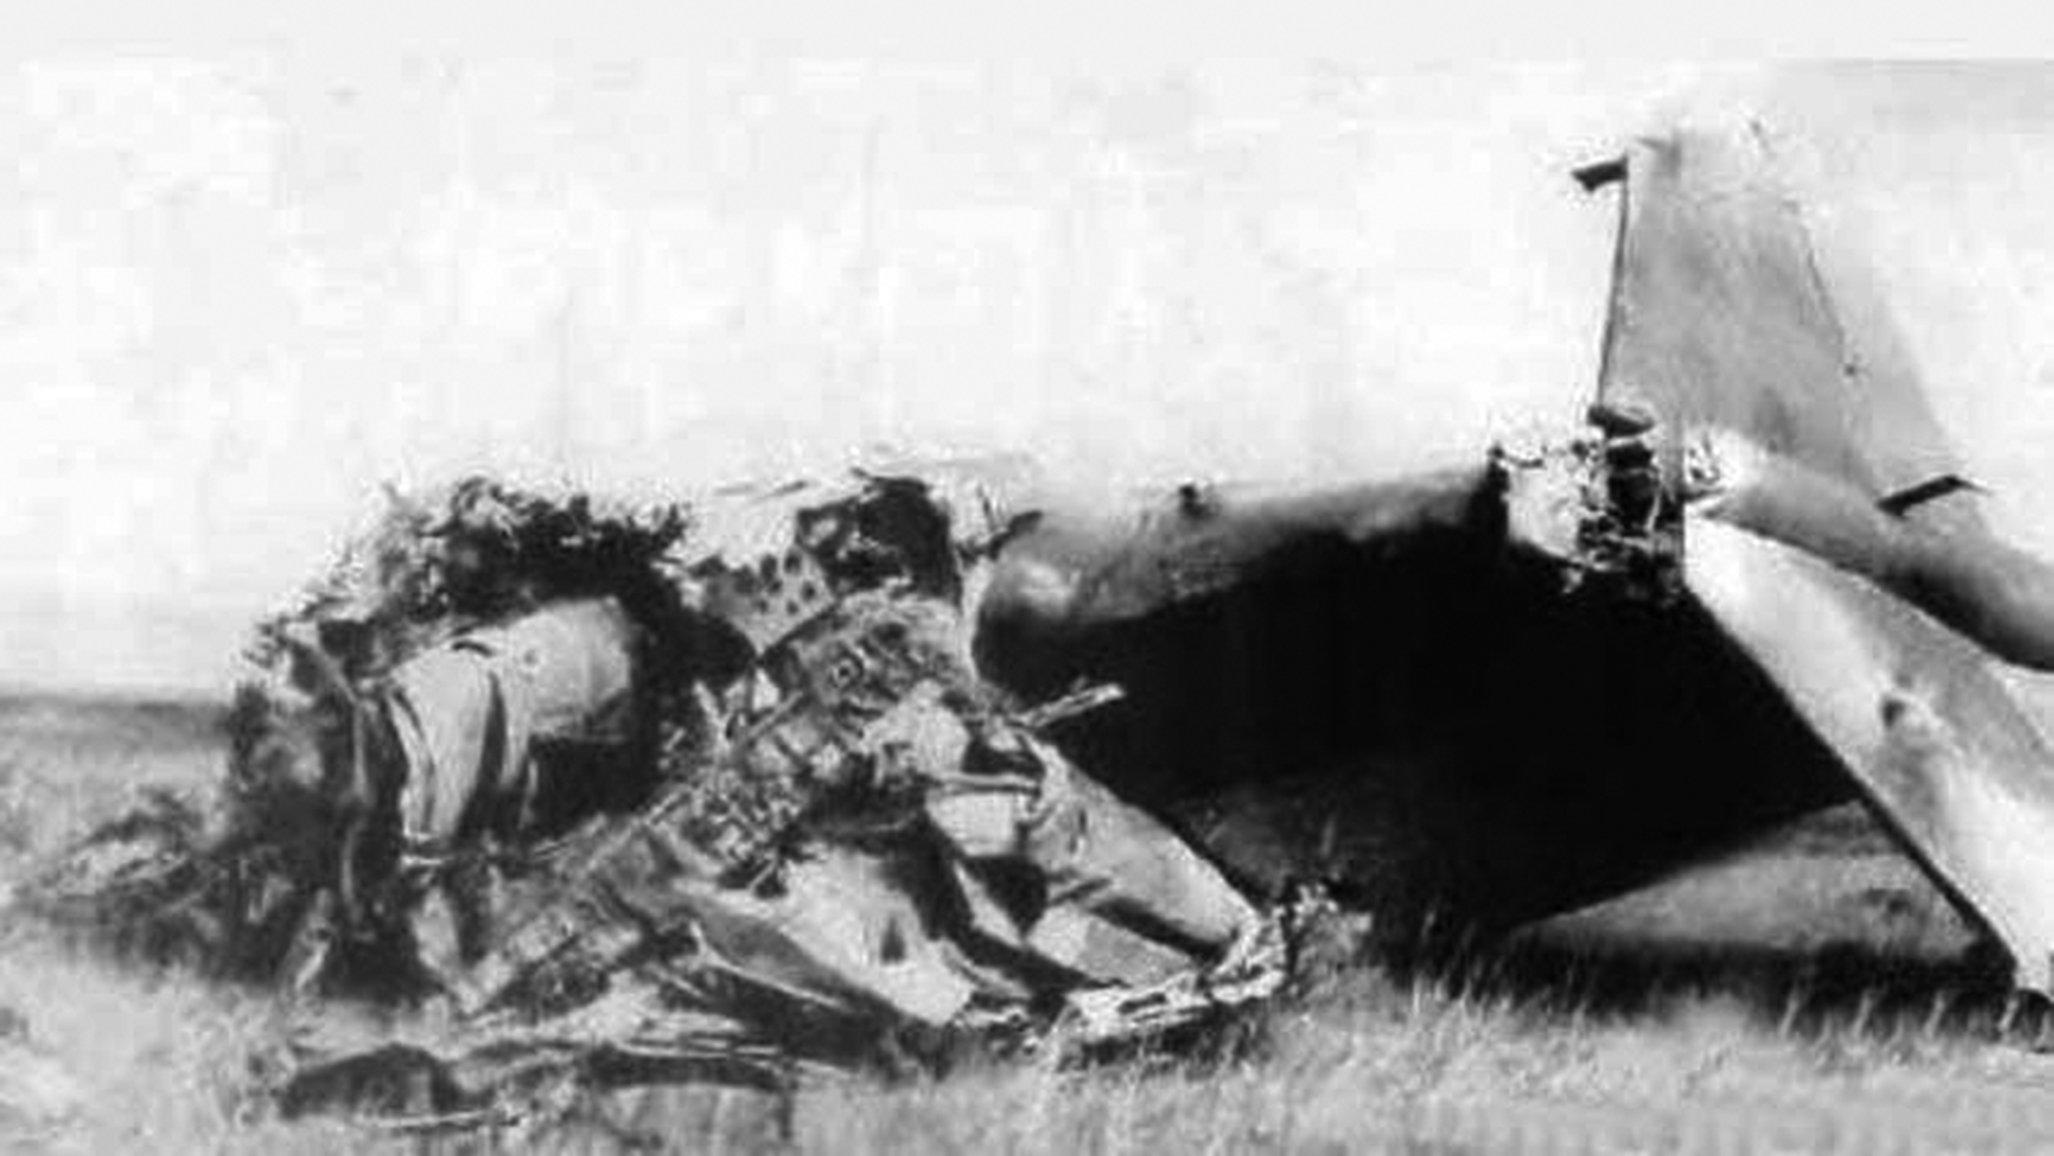 「九一三」事件:1971年9月13日,林彪、葉群、林立果、劉沛豐、林彪的司機楊枕綱及機組人員潘景寅等共9人全部墜機死亡。(網絡圖片)